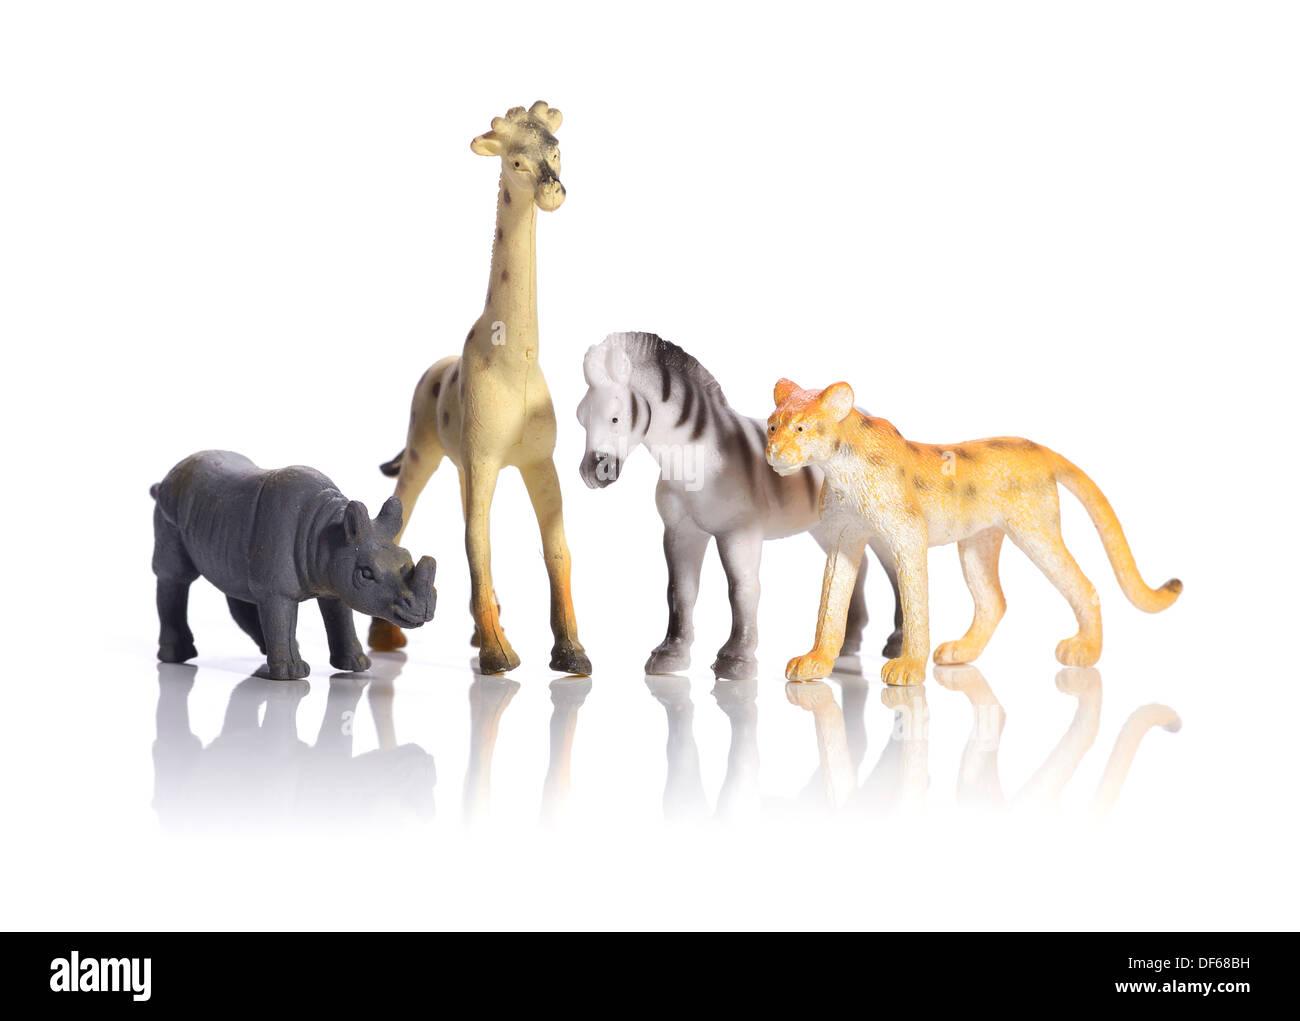 Plastic toy wild animals - Stock Image